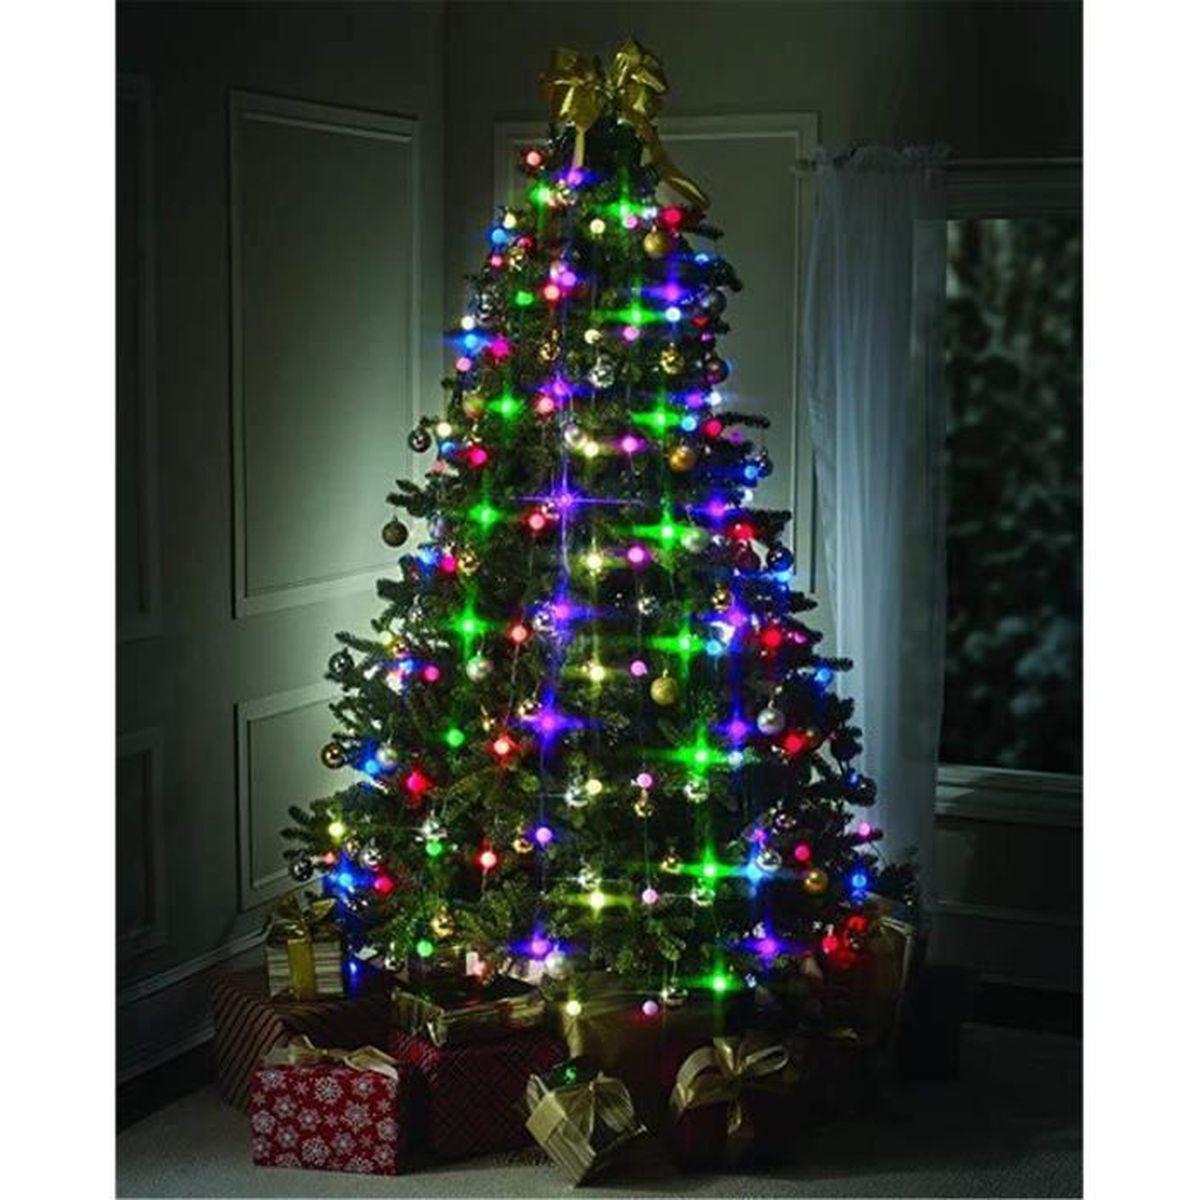 Guirlande Lumineuse Pour Sapin De Noel pour Décoration Noël Sapin avec télécommande & minuterie NEXVIN